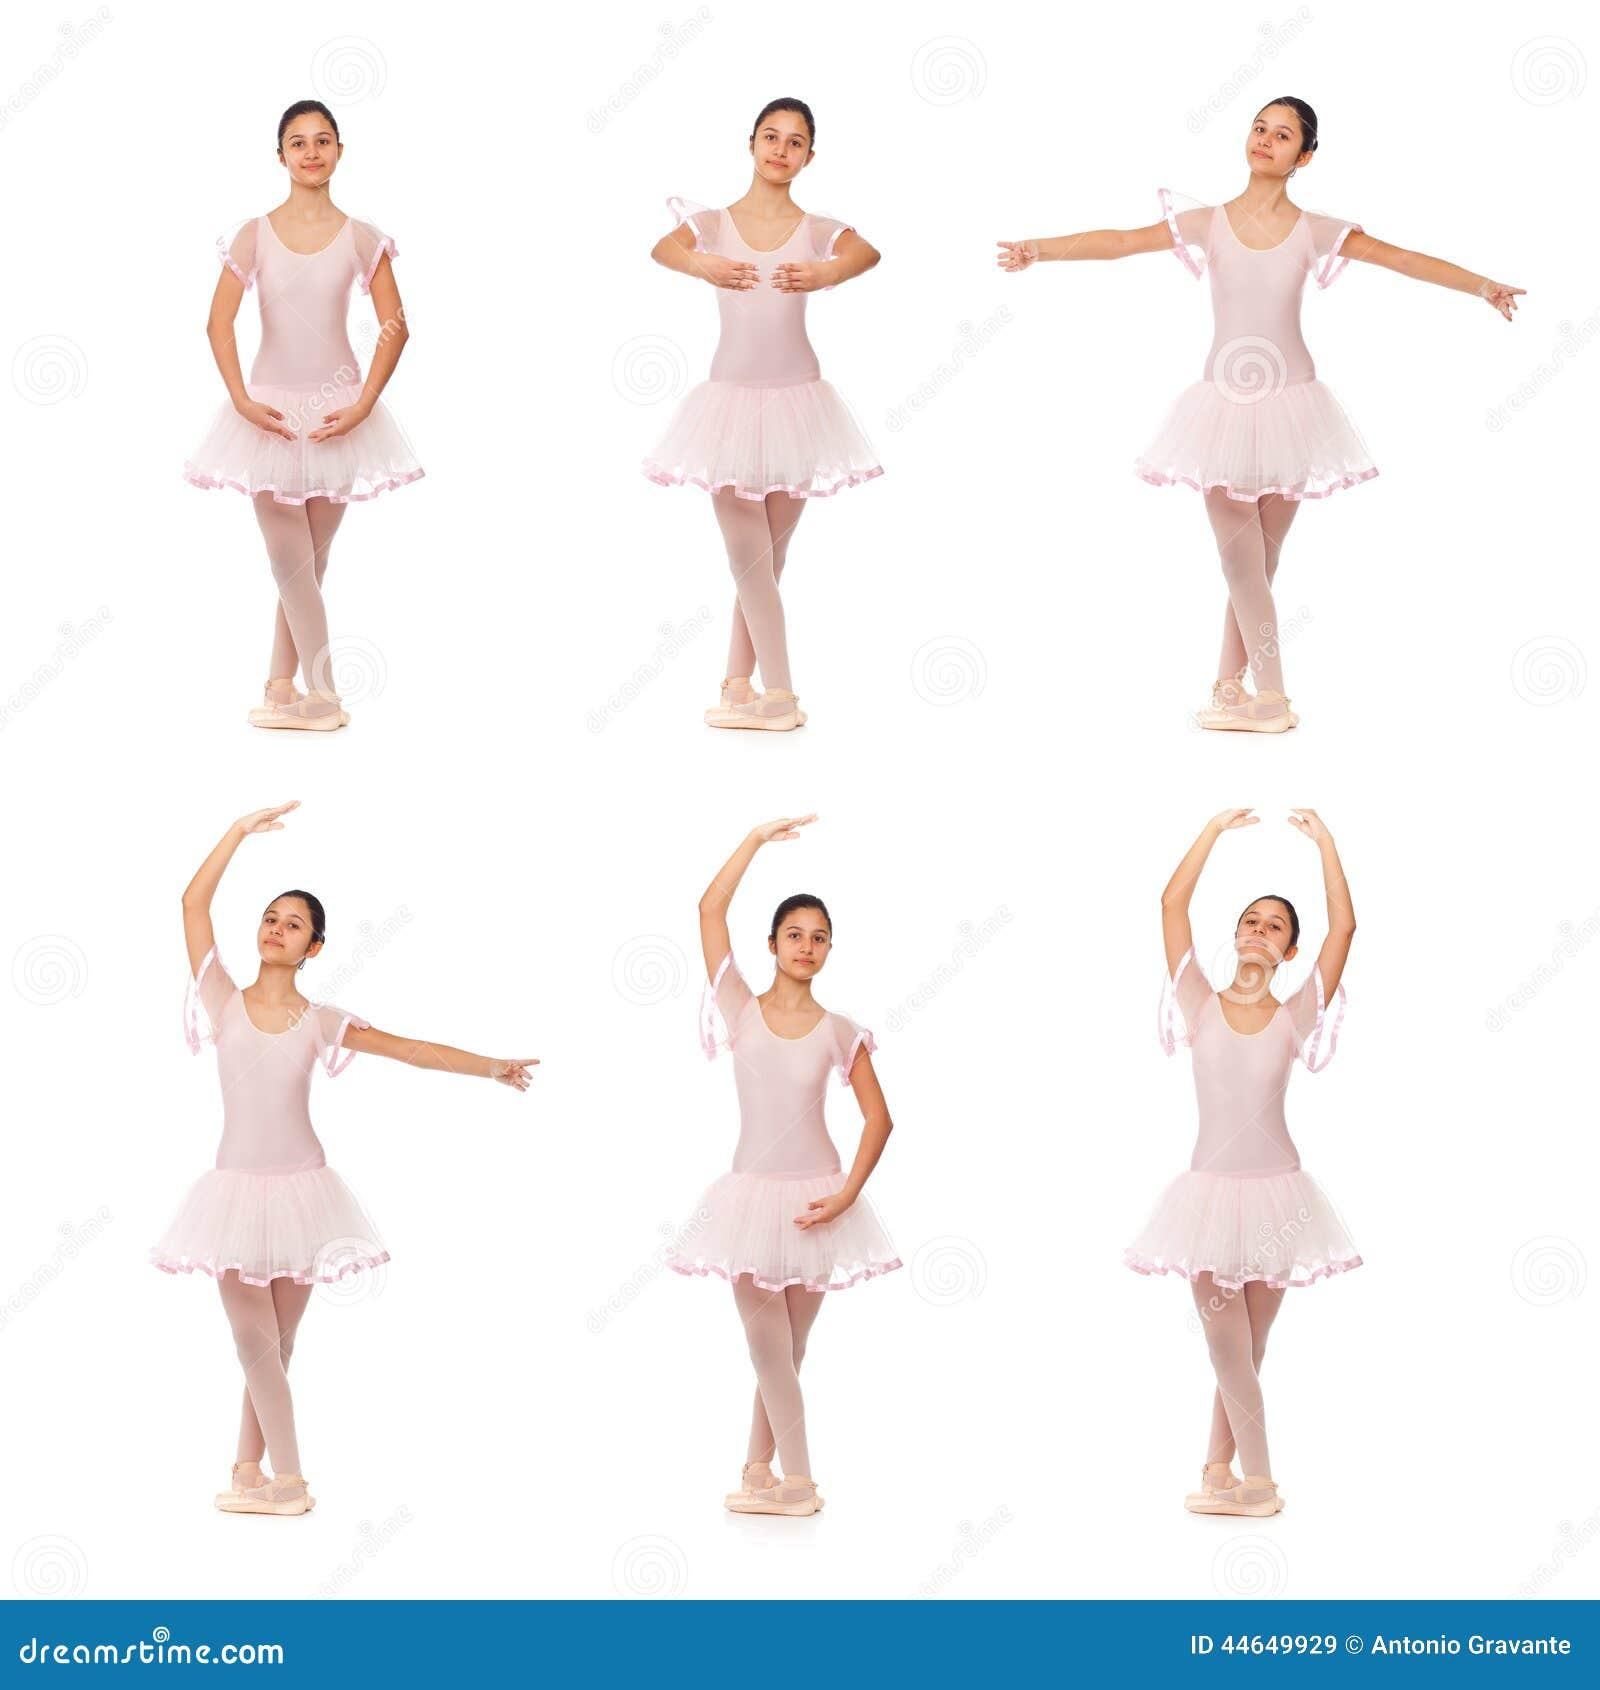 фото позиции рук и ног в хореографии пьяницы